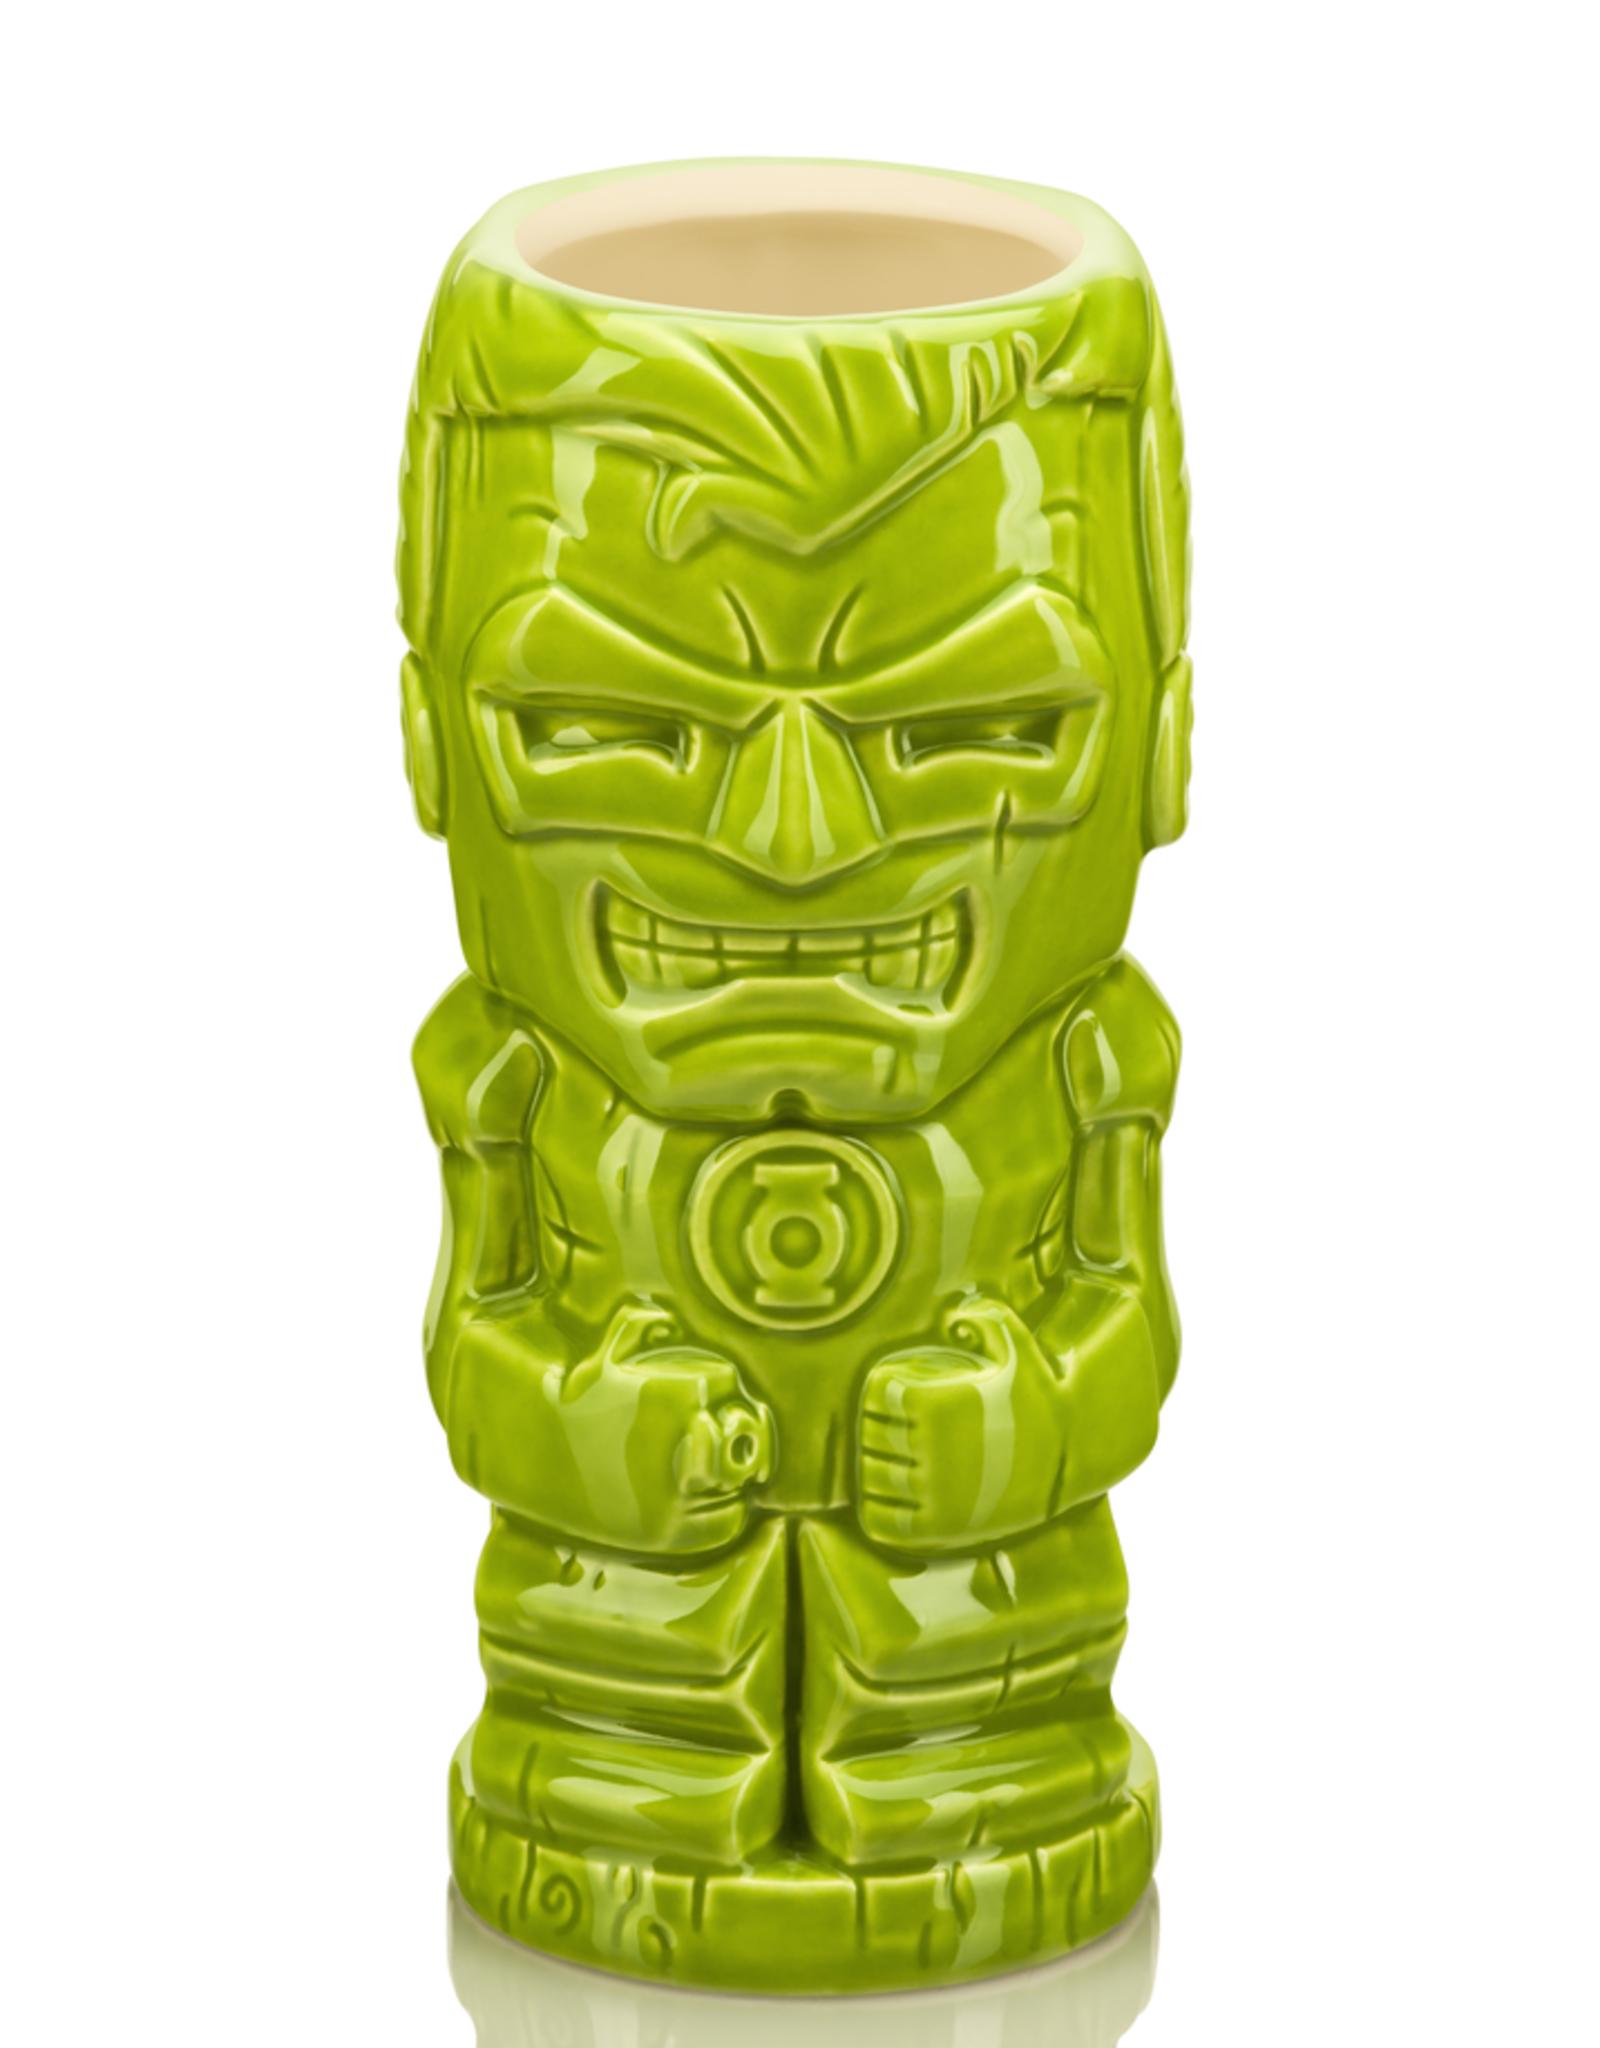 Geeki Tikis - Green Lantern